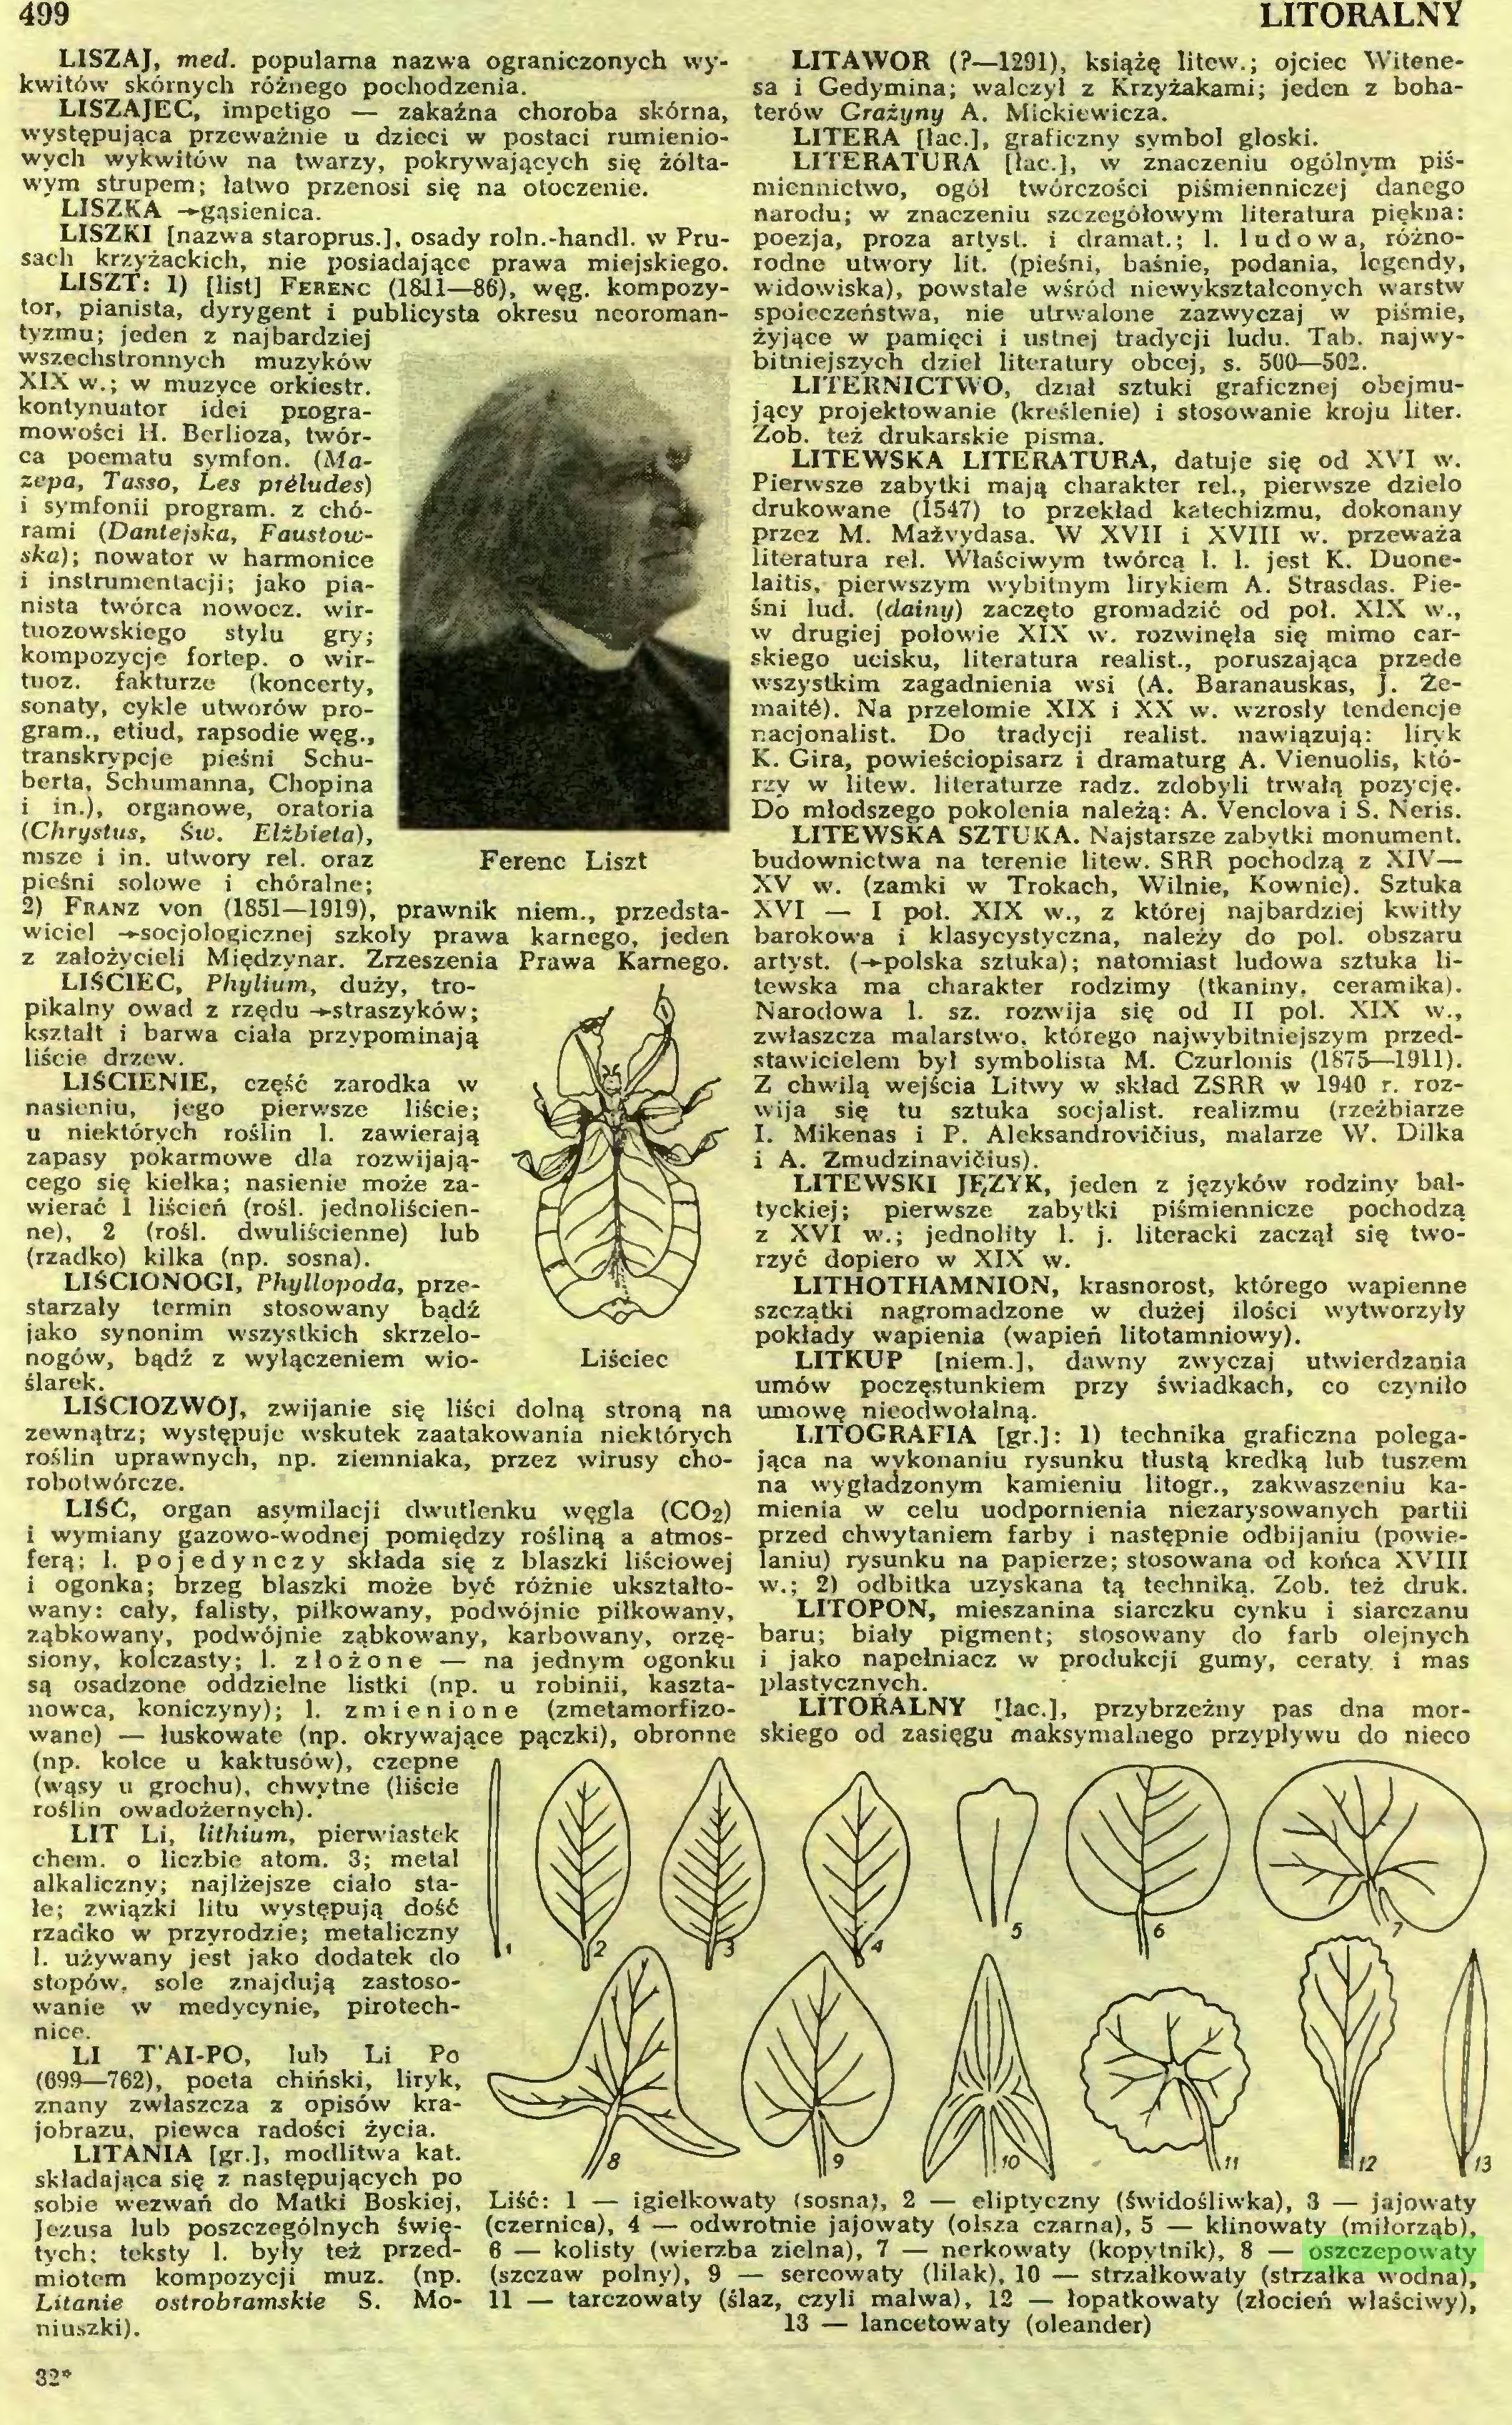 (...) Litanie ostrobramskie S. Moniuszki). Liść: 1 — igiełkowaty (sosna), 2 — eliptyczny (świdośliwka), 3 — jajowaty (czernica), 4 — odwrotnie jajowaty (olsza czarna), 5 — klinowaty (miłorząb), 6 — kolisty (wierzba zielna), 7 — nerkowaty (kopytnik), 8 — oszczepowaty (szczaw polny), 9 — sercowaty (lilak), 10 — strzalkowaty (strzałka wodna), 11 — tarczowaty (ślaz, czyli malwa), 12 — łopatkowaty (złocień właściwy), 13 — lancetowaty (oleander) 32* LITERATURA...